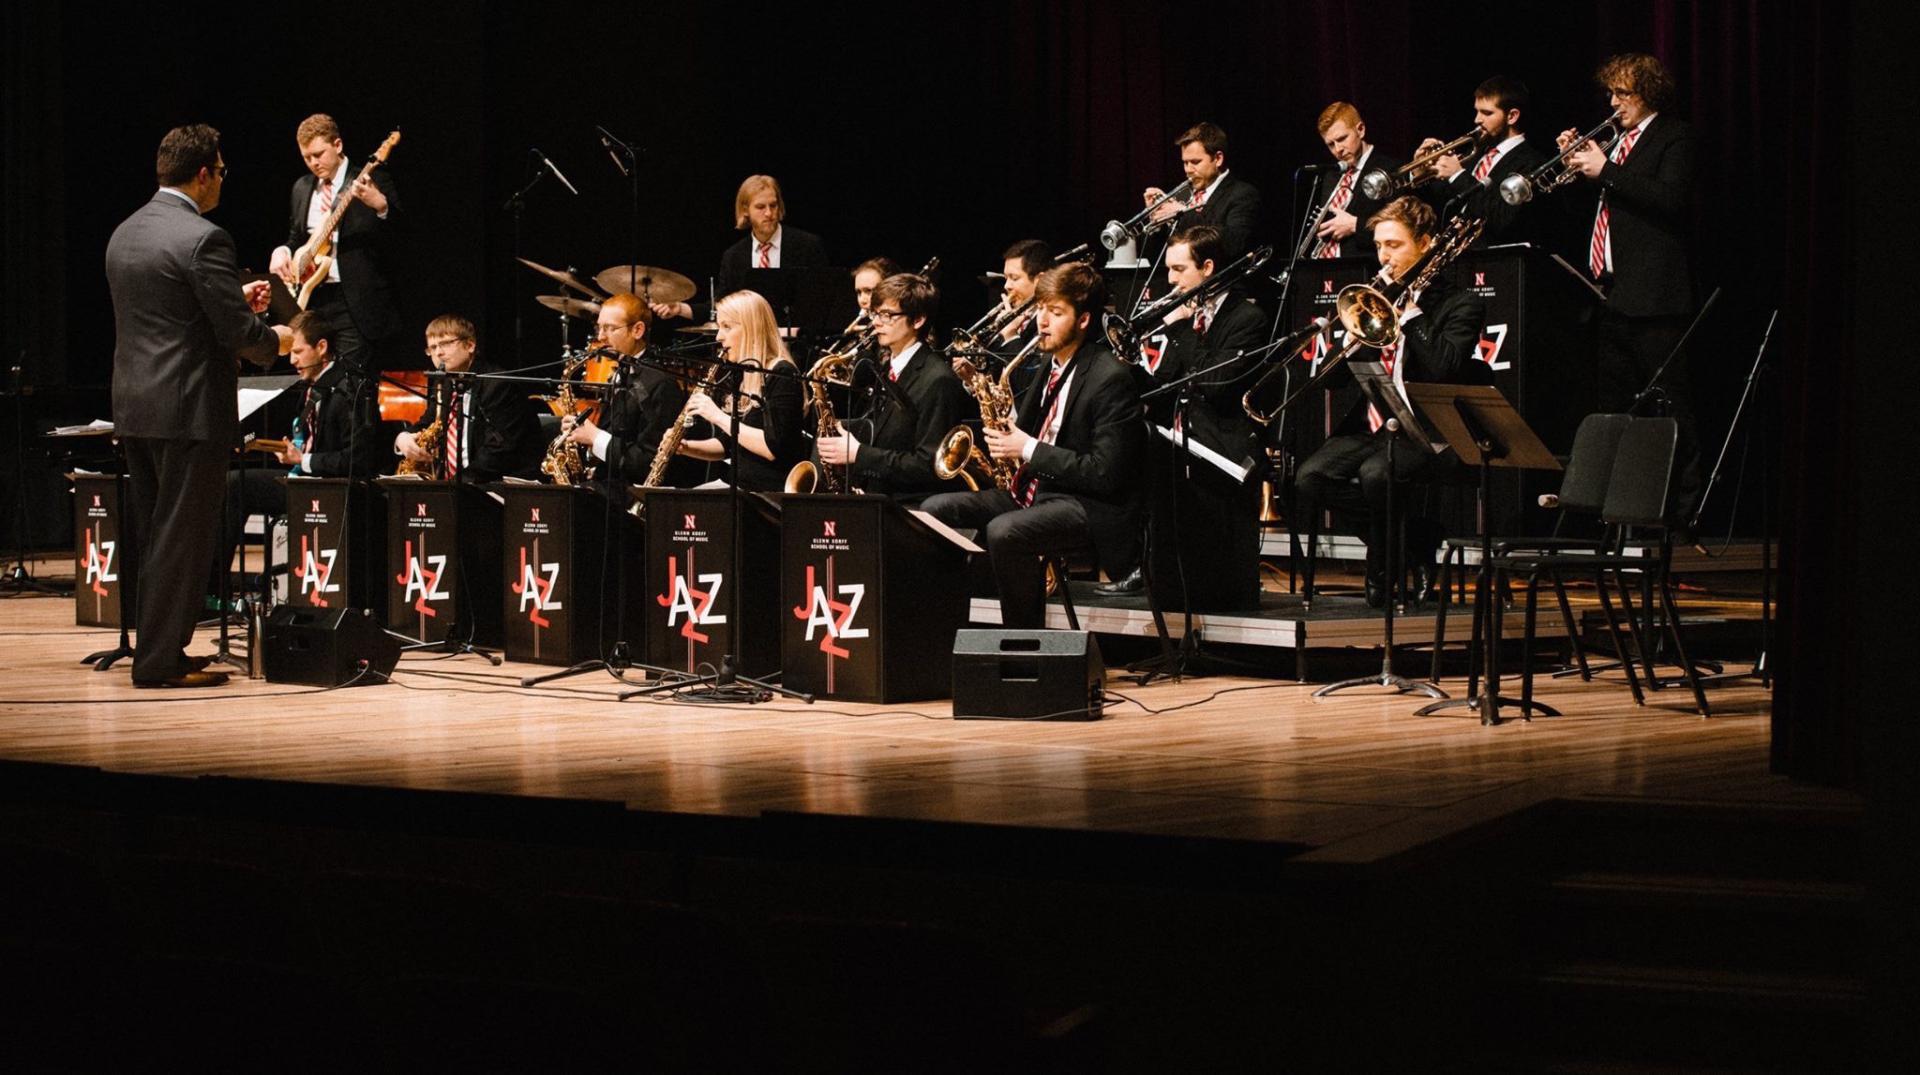 Jazz Orchestra Performing at Kimball Recital Hall